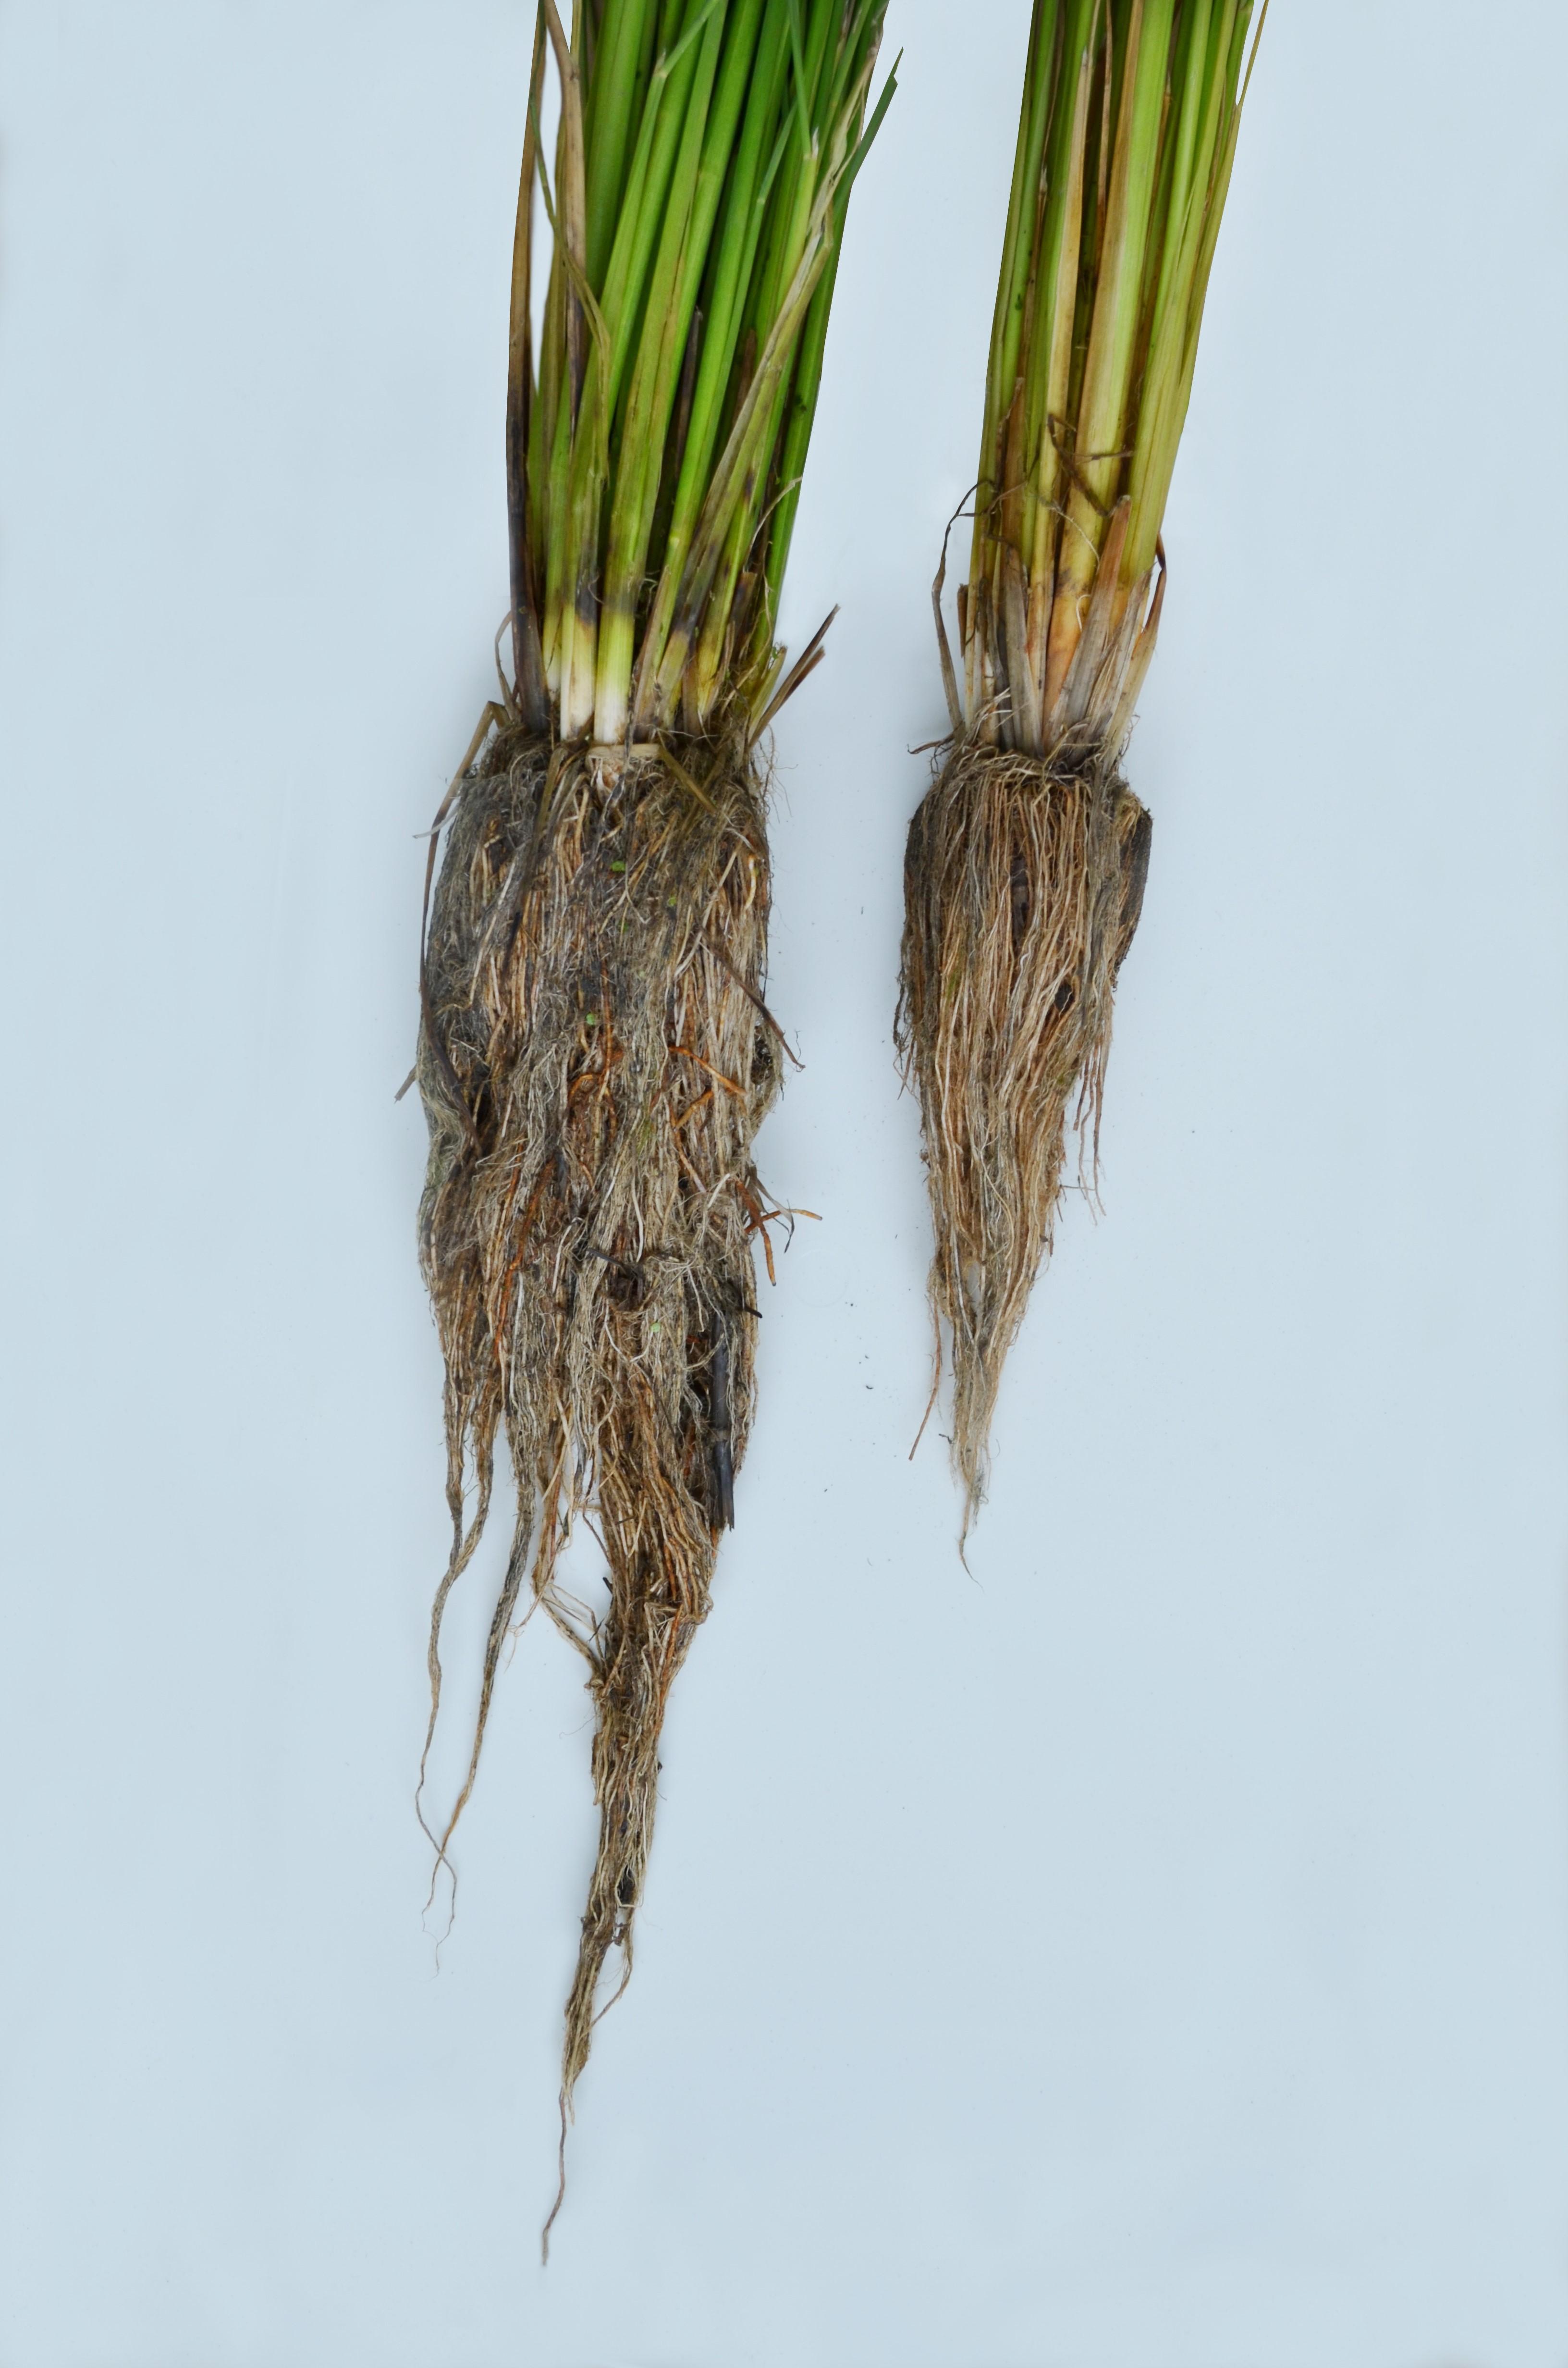 美容成分「アミノ酸生命体® 」の原料である無農薬栽培米 「リソウファーム」で平成27年5月19日に田植えを実施 安全性の追求だけでなく植物の自らの成長する力を引き出すために自社農場で栽培